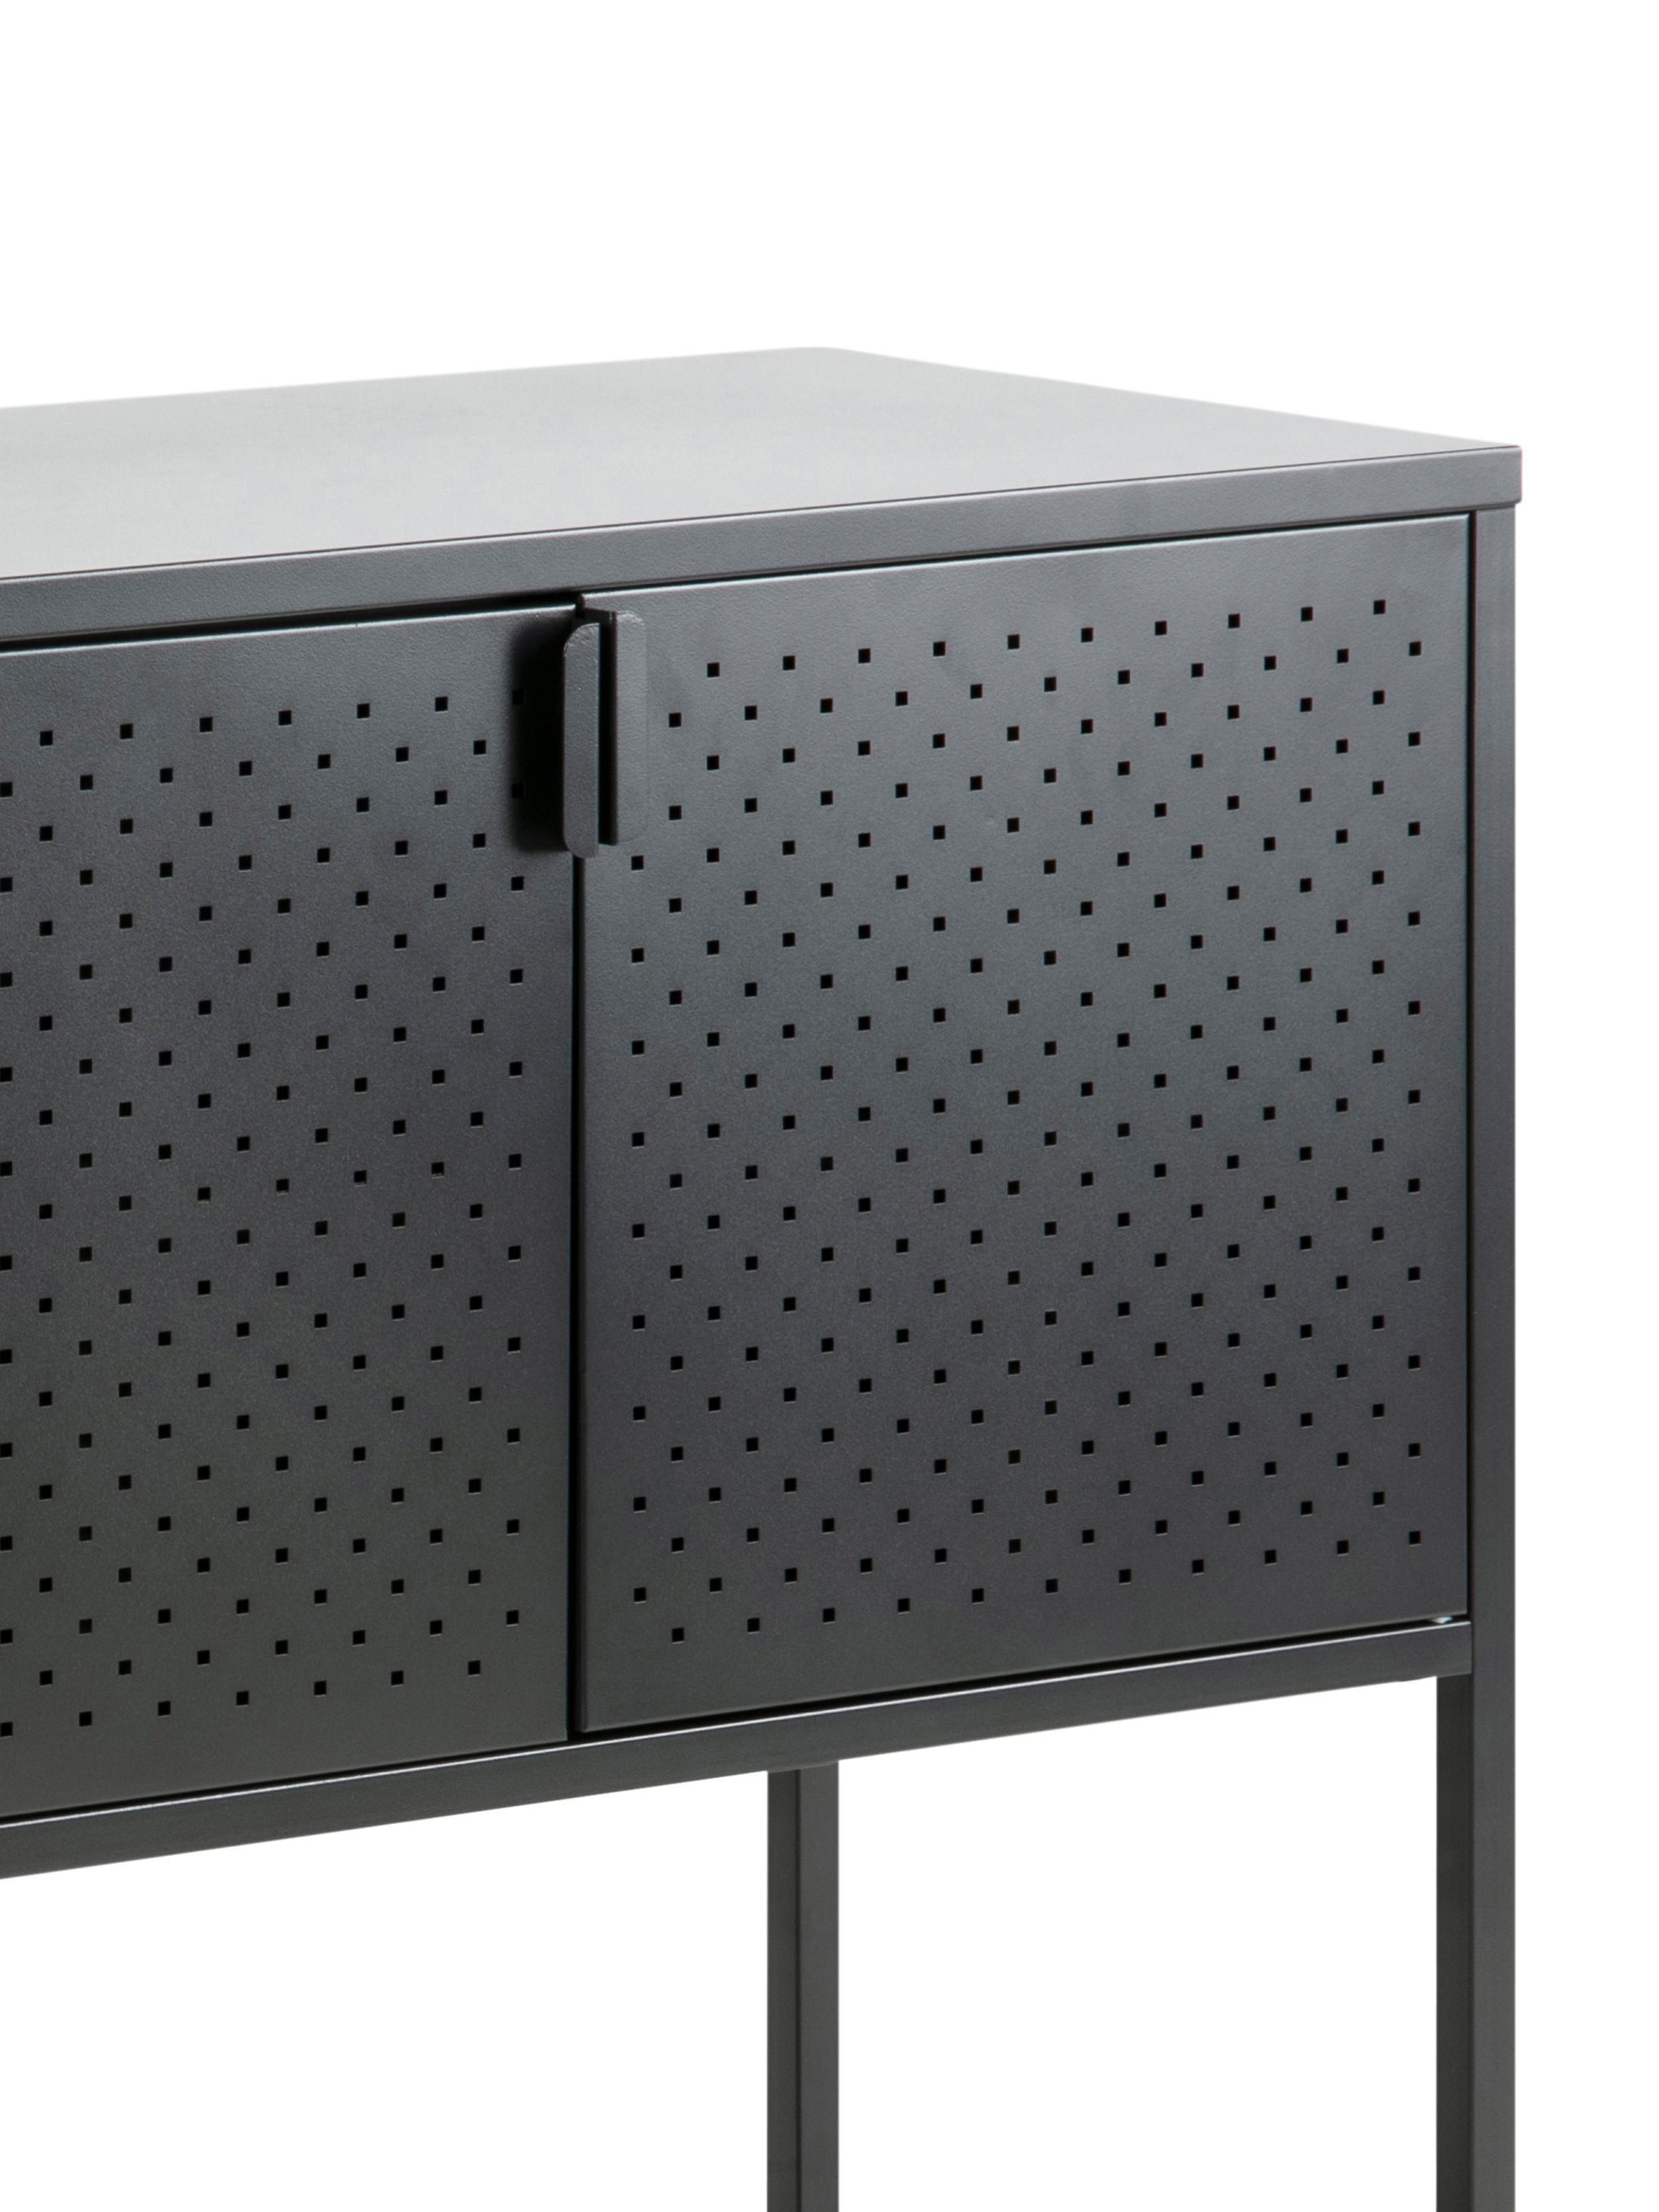 Metall-Sideboard Newton in Schwarz, Metall, pulverbeschichtet, Schwarz, 120 x 80 cm